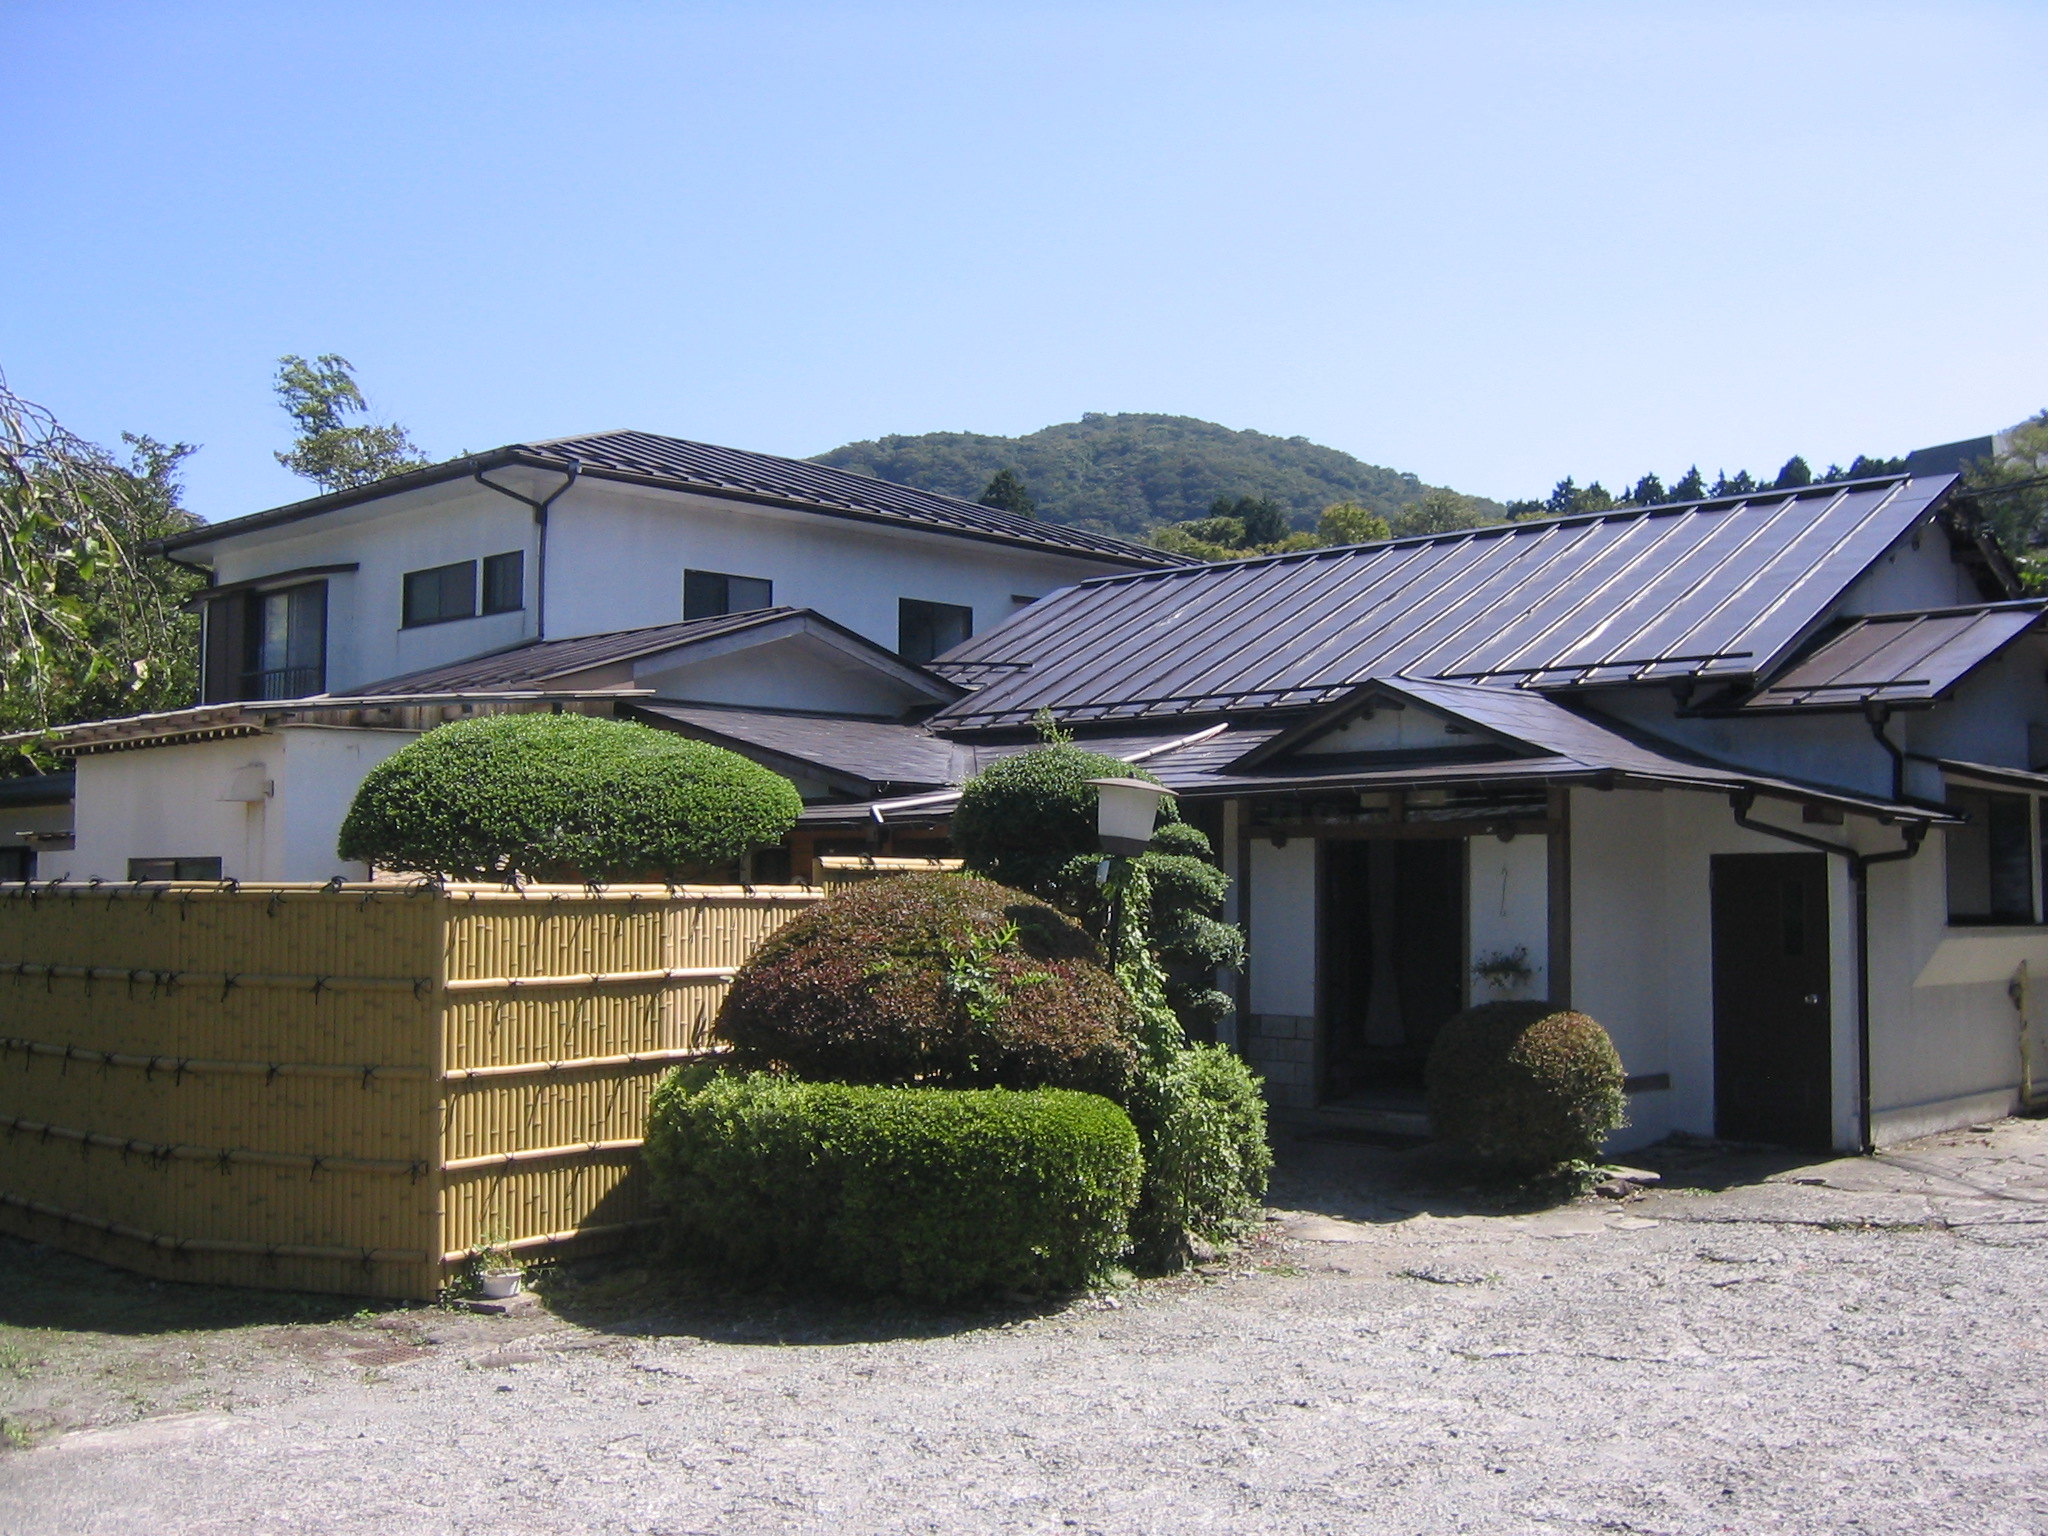 【一人旅】箱根ガラスの森美術館にアクセス便利な格安宿